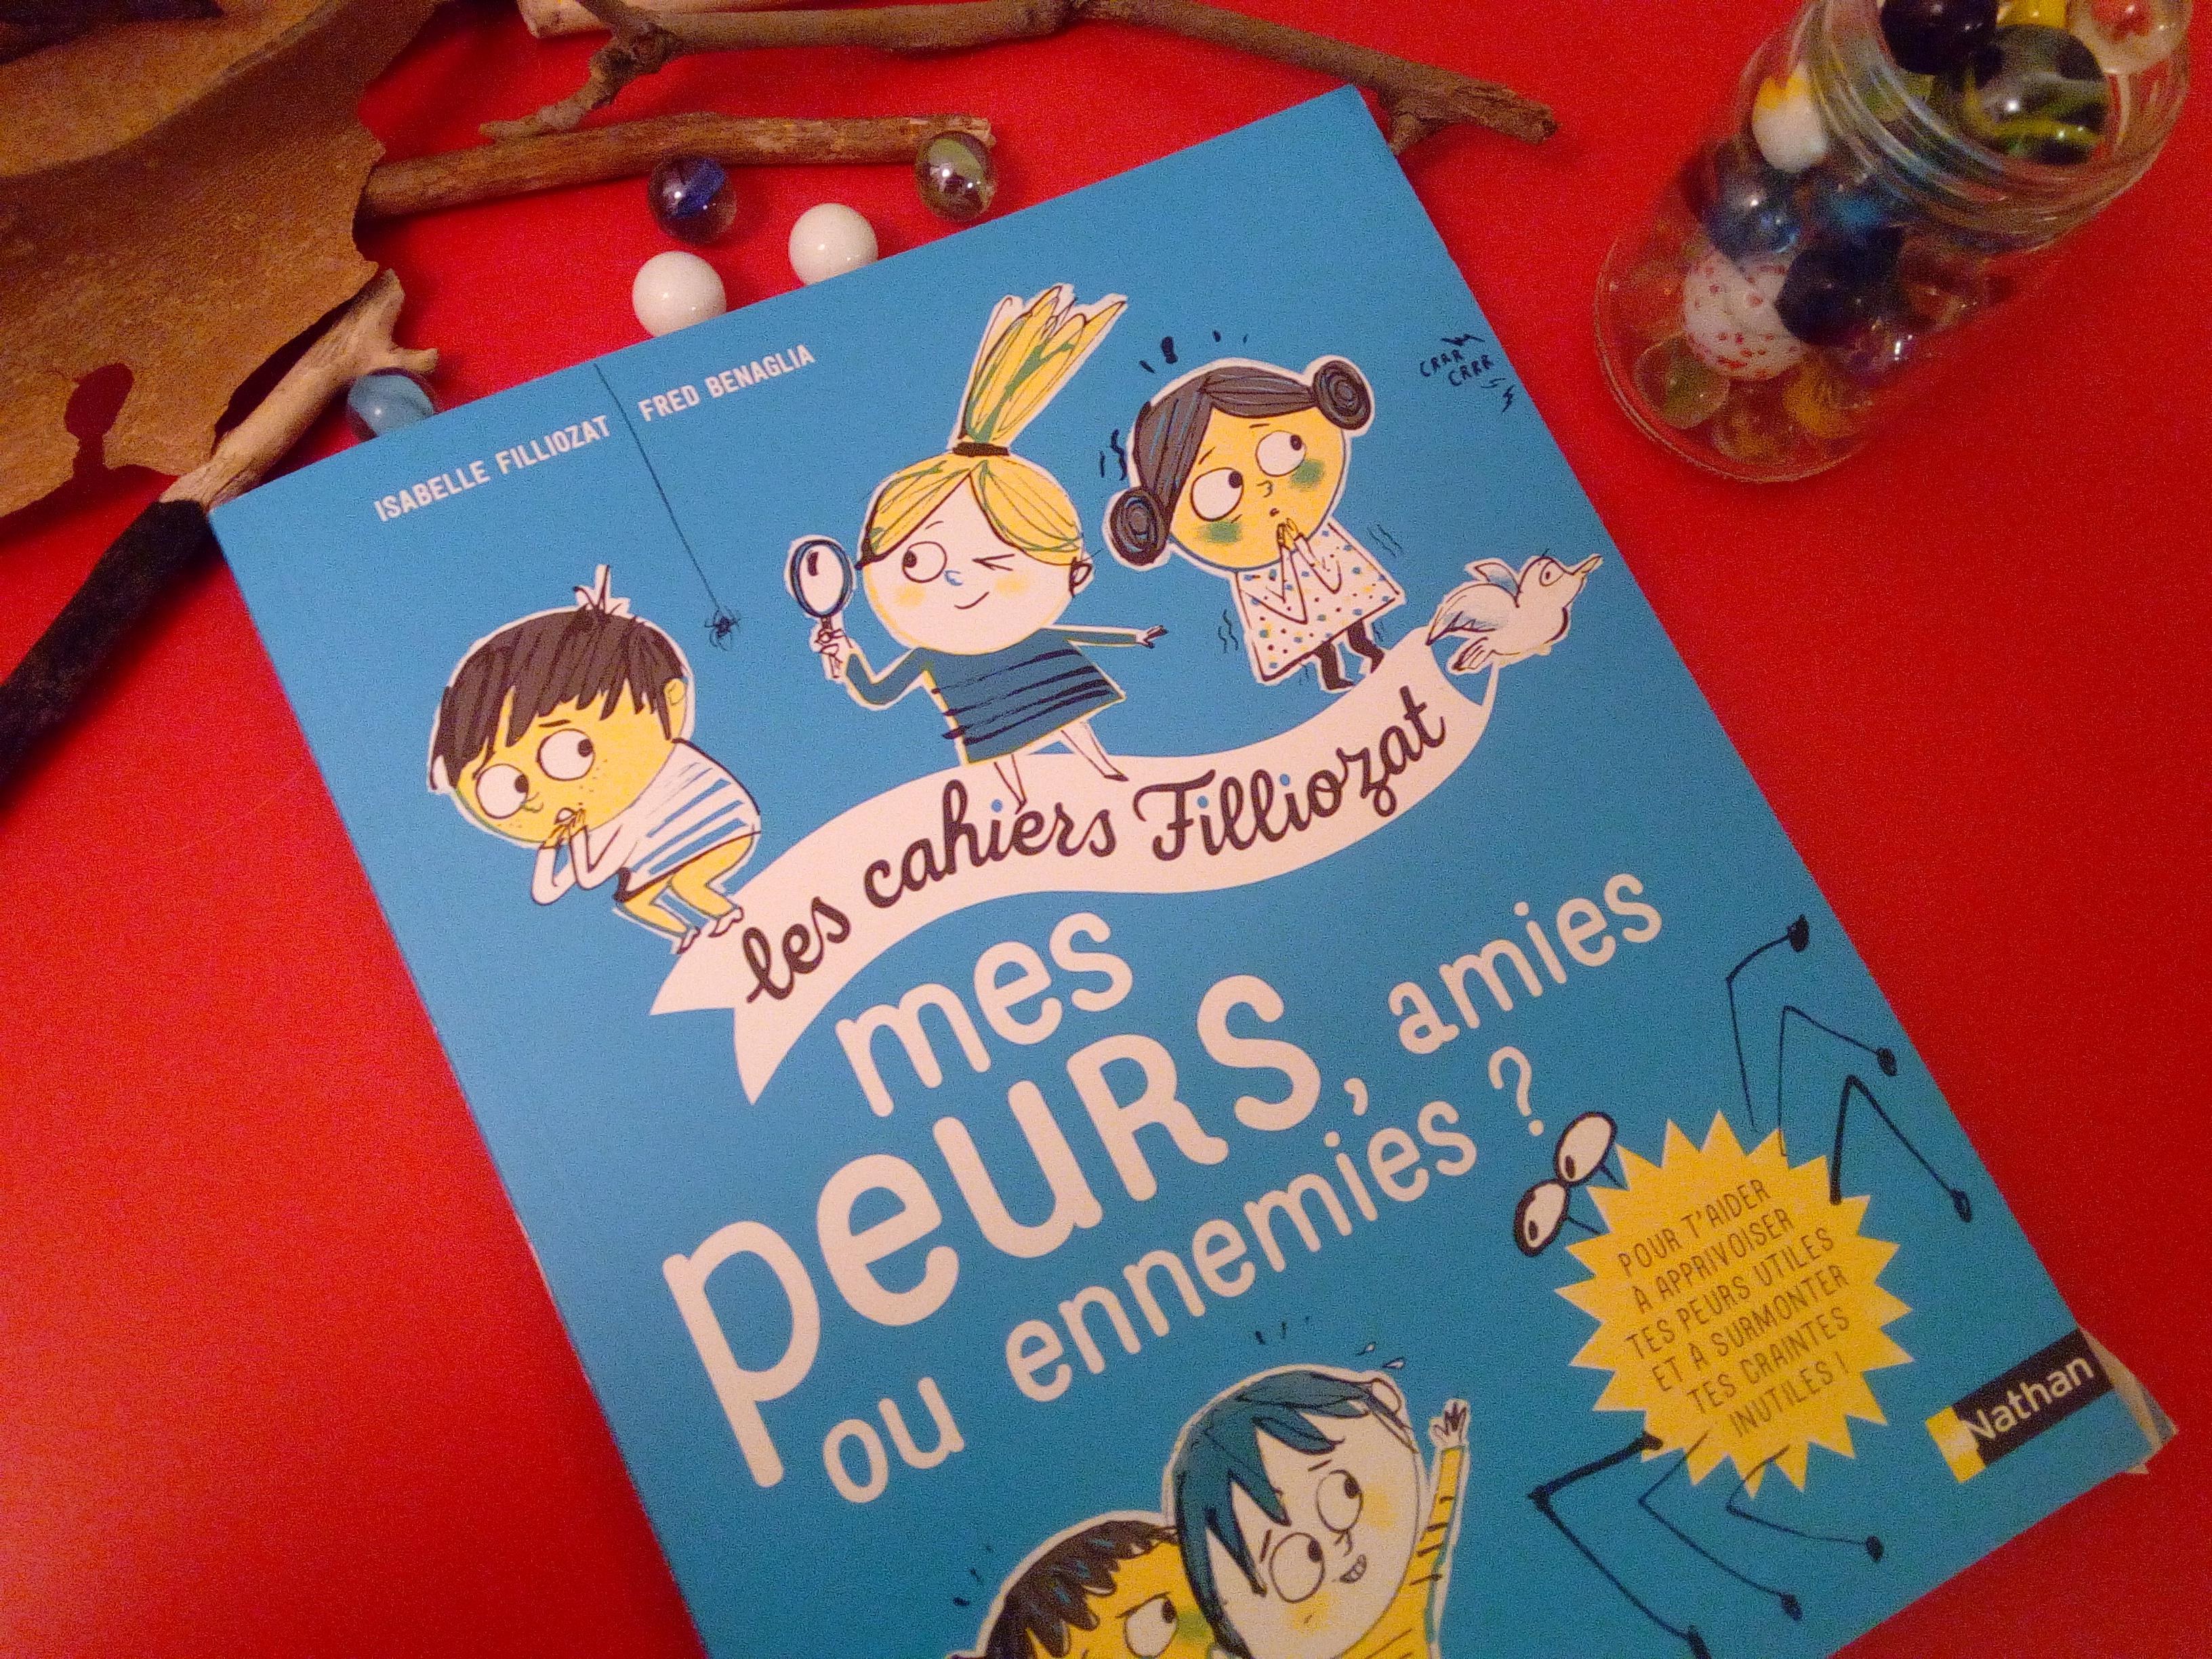 mes cahiers filliozat peurs enfants amies ennemies